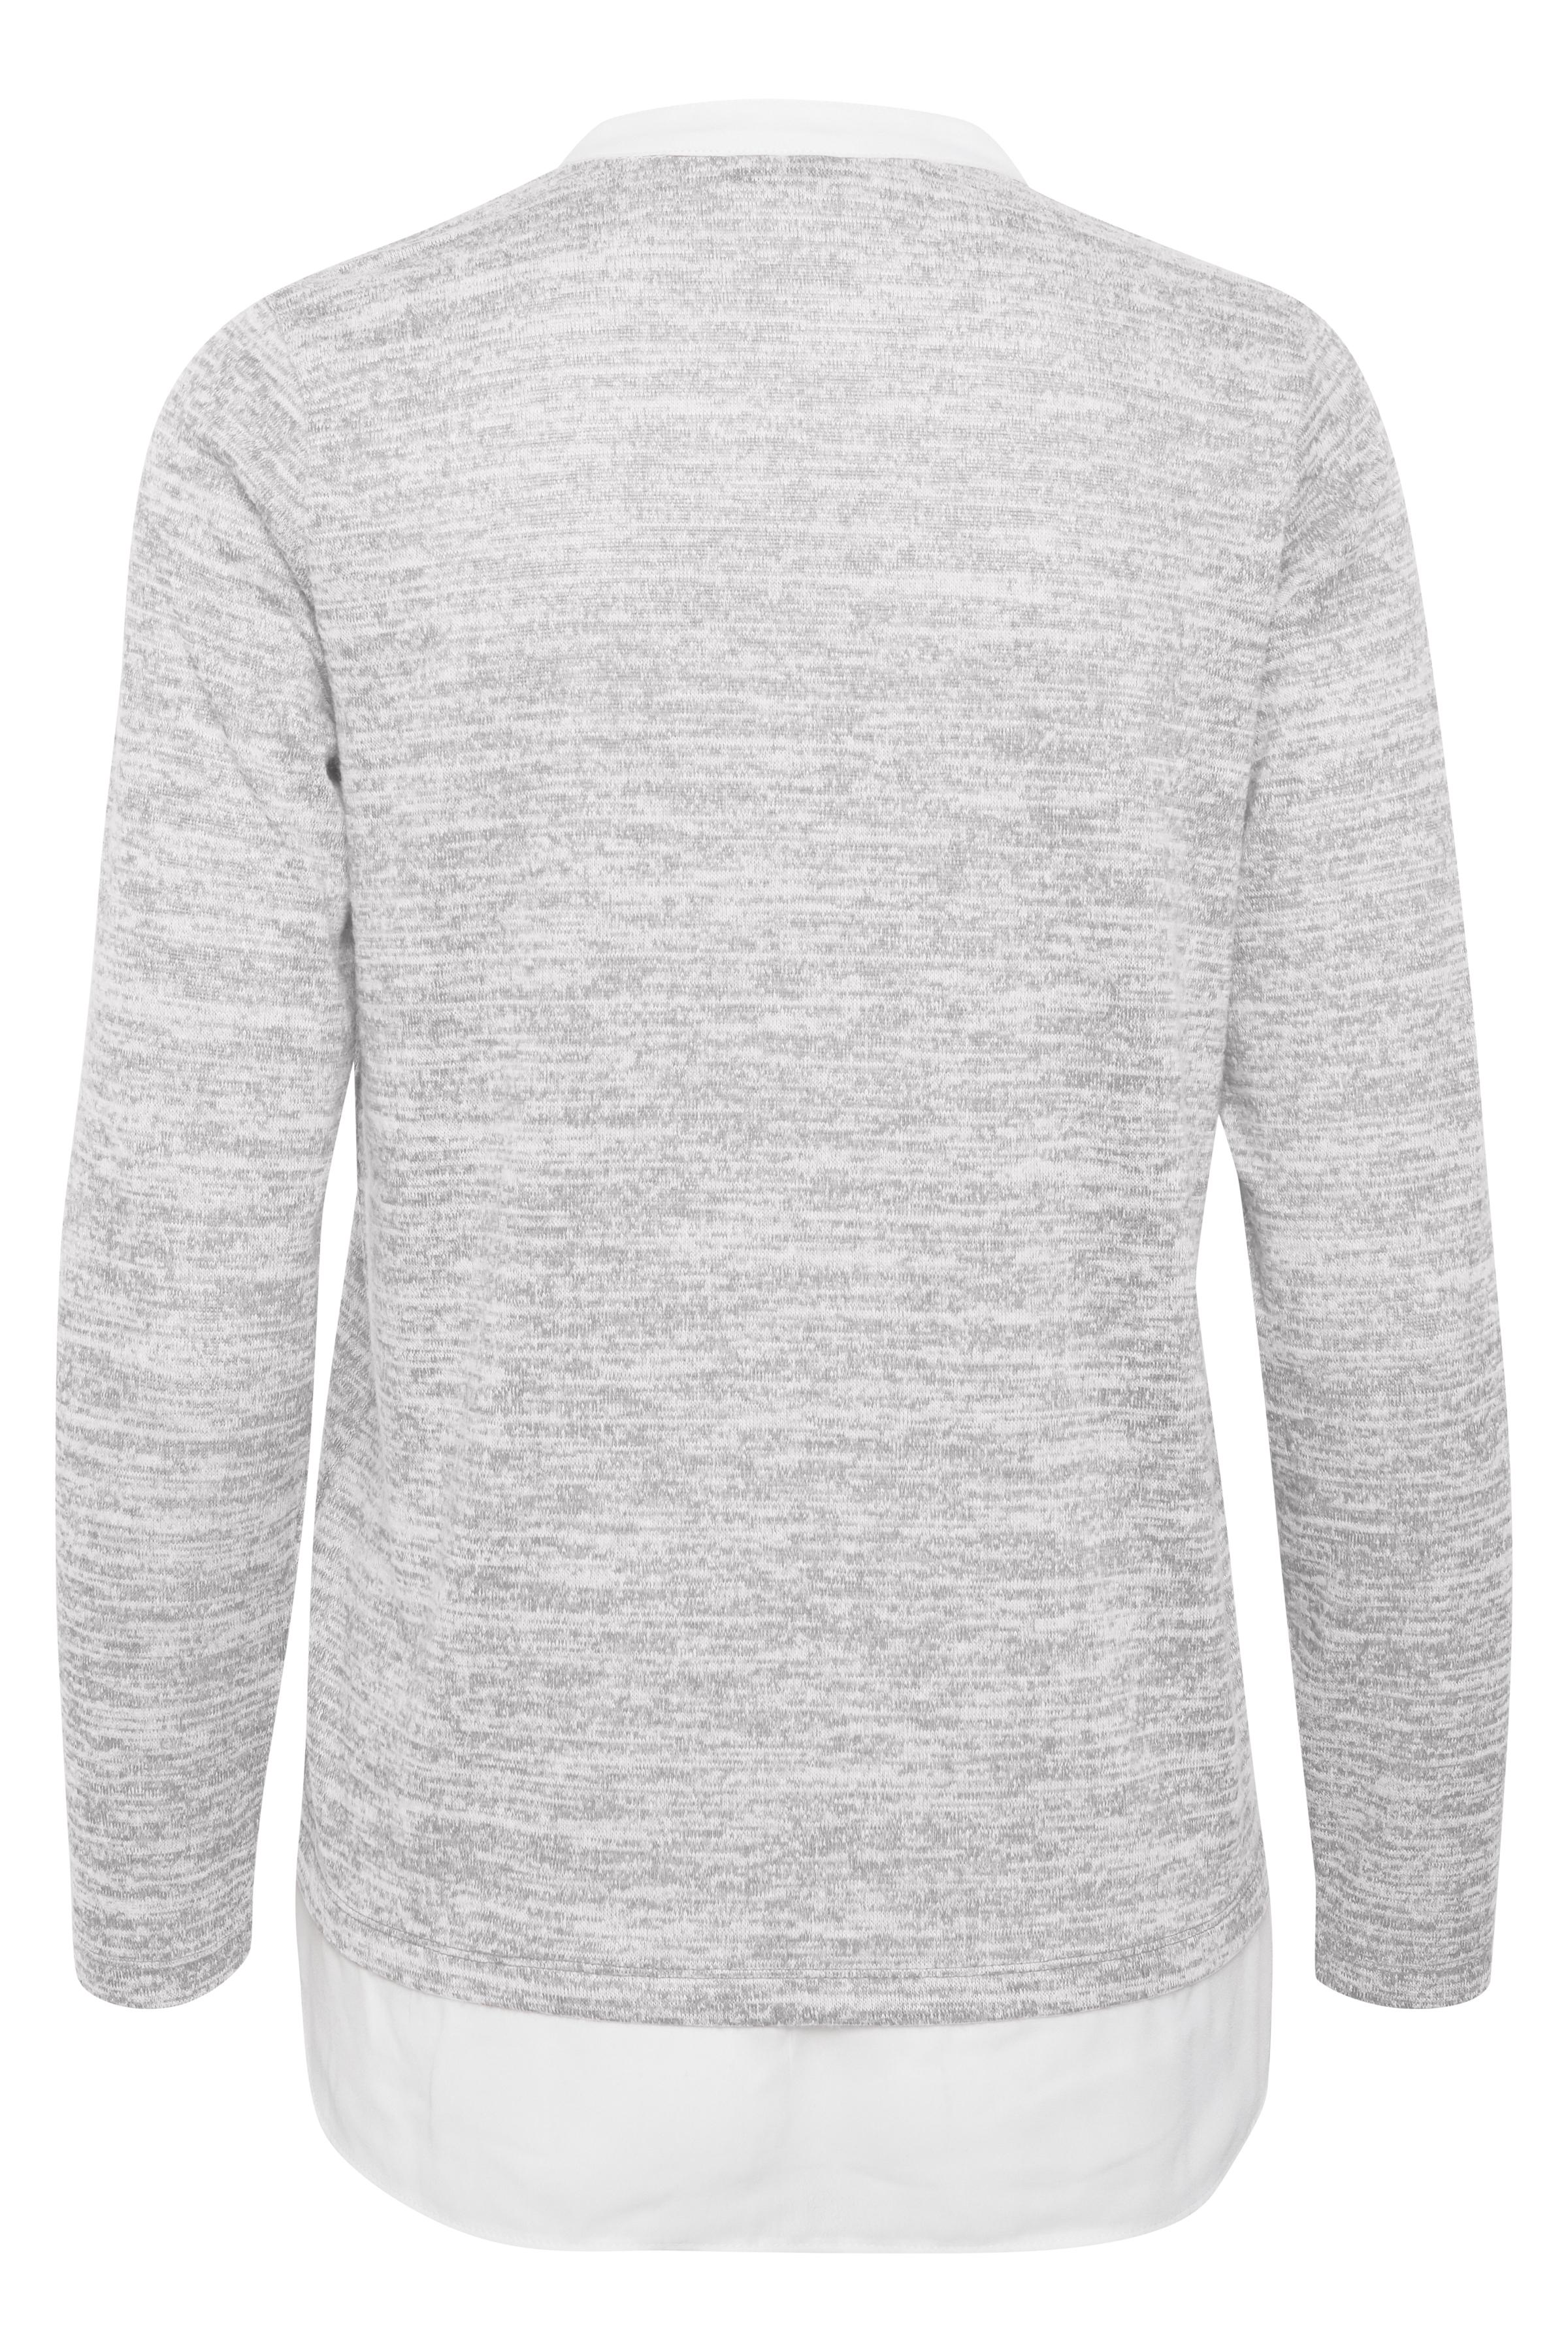 Hellgrau meliert/weiß Langarm-Bluse  von Fransa – Shoppen Sie Hellgrau meliert/weiß Langarm-Bluse  ab Gr. XS-XXL hier